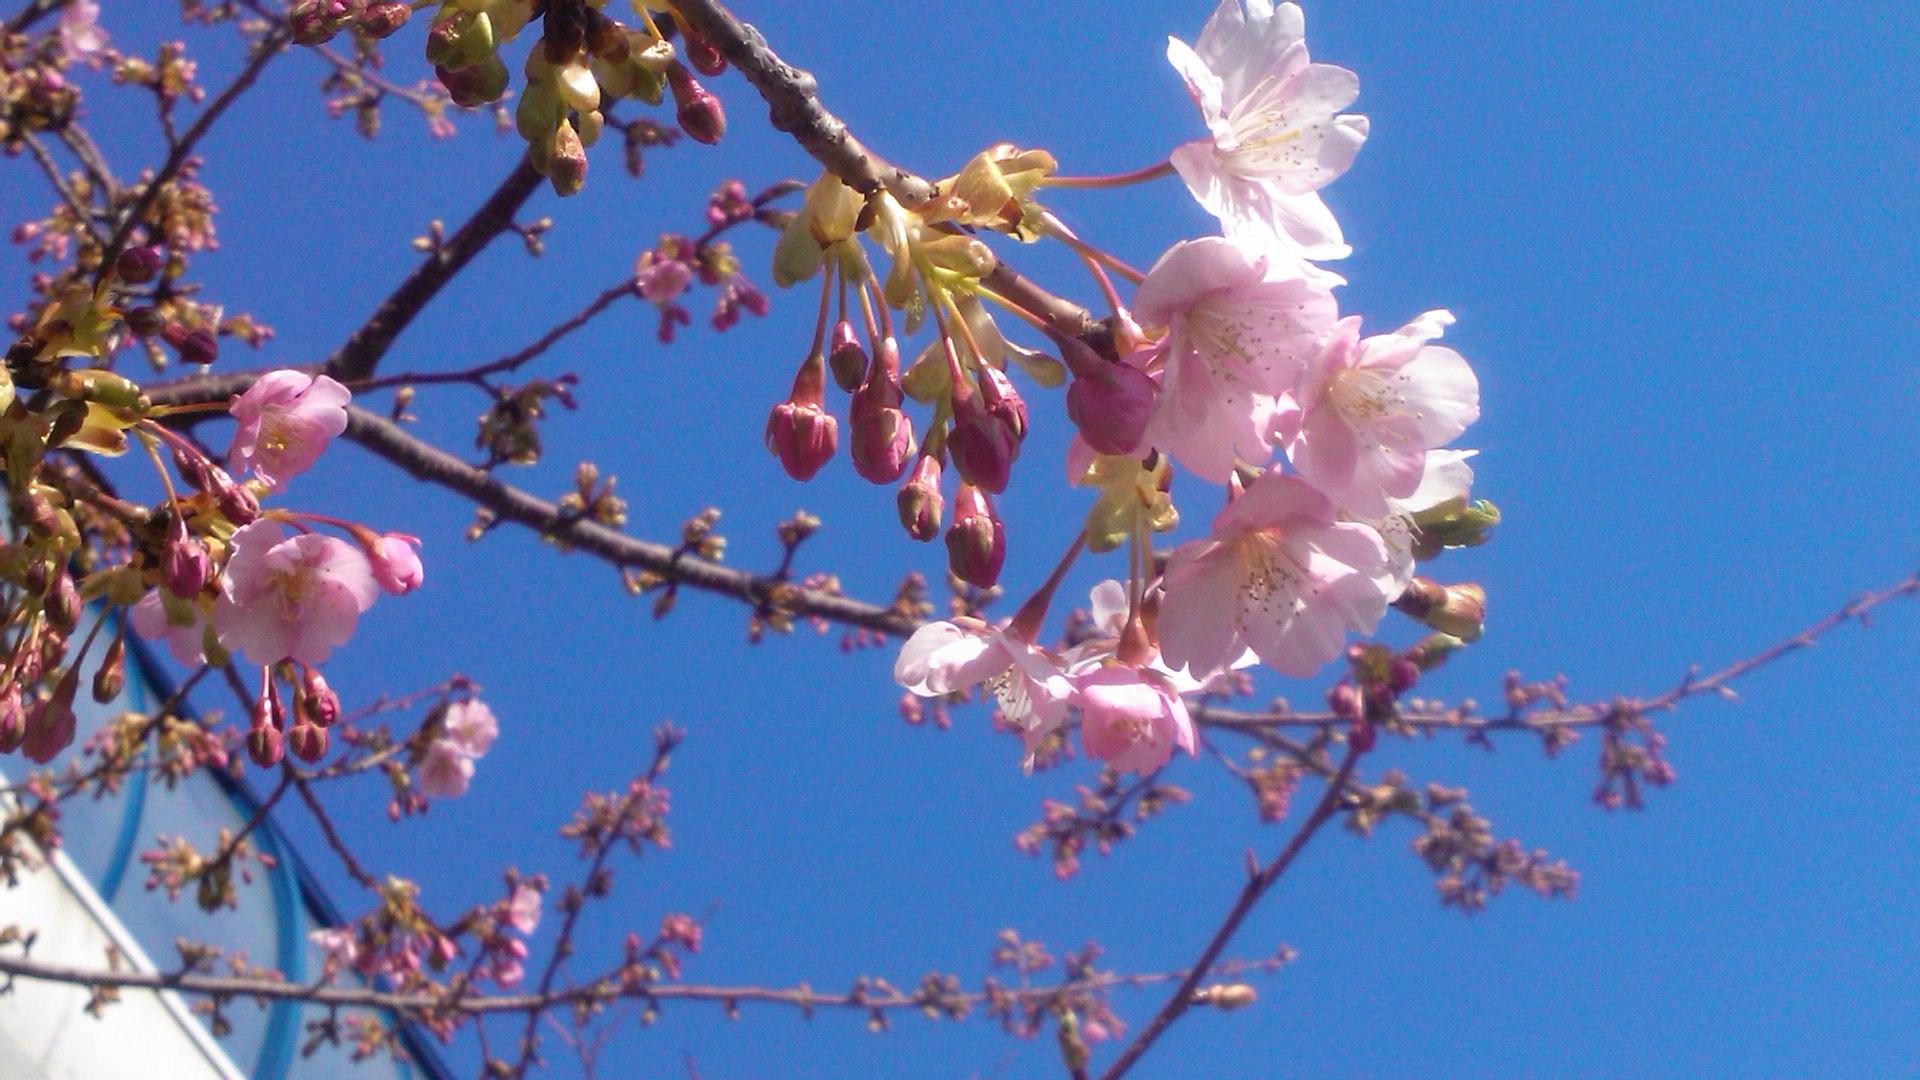 桜まつりですが.....寒さで開花しません。_b0137932_1354597.jpg